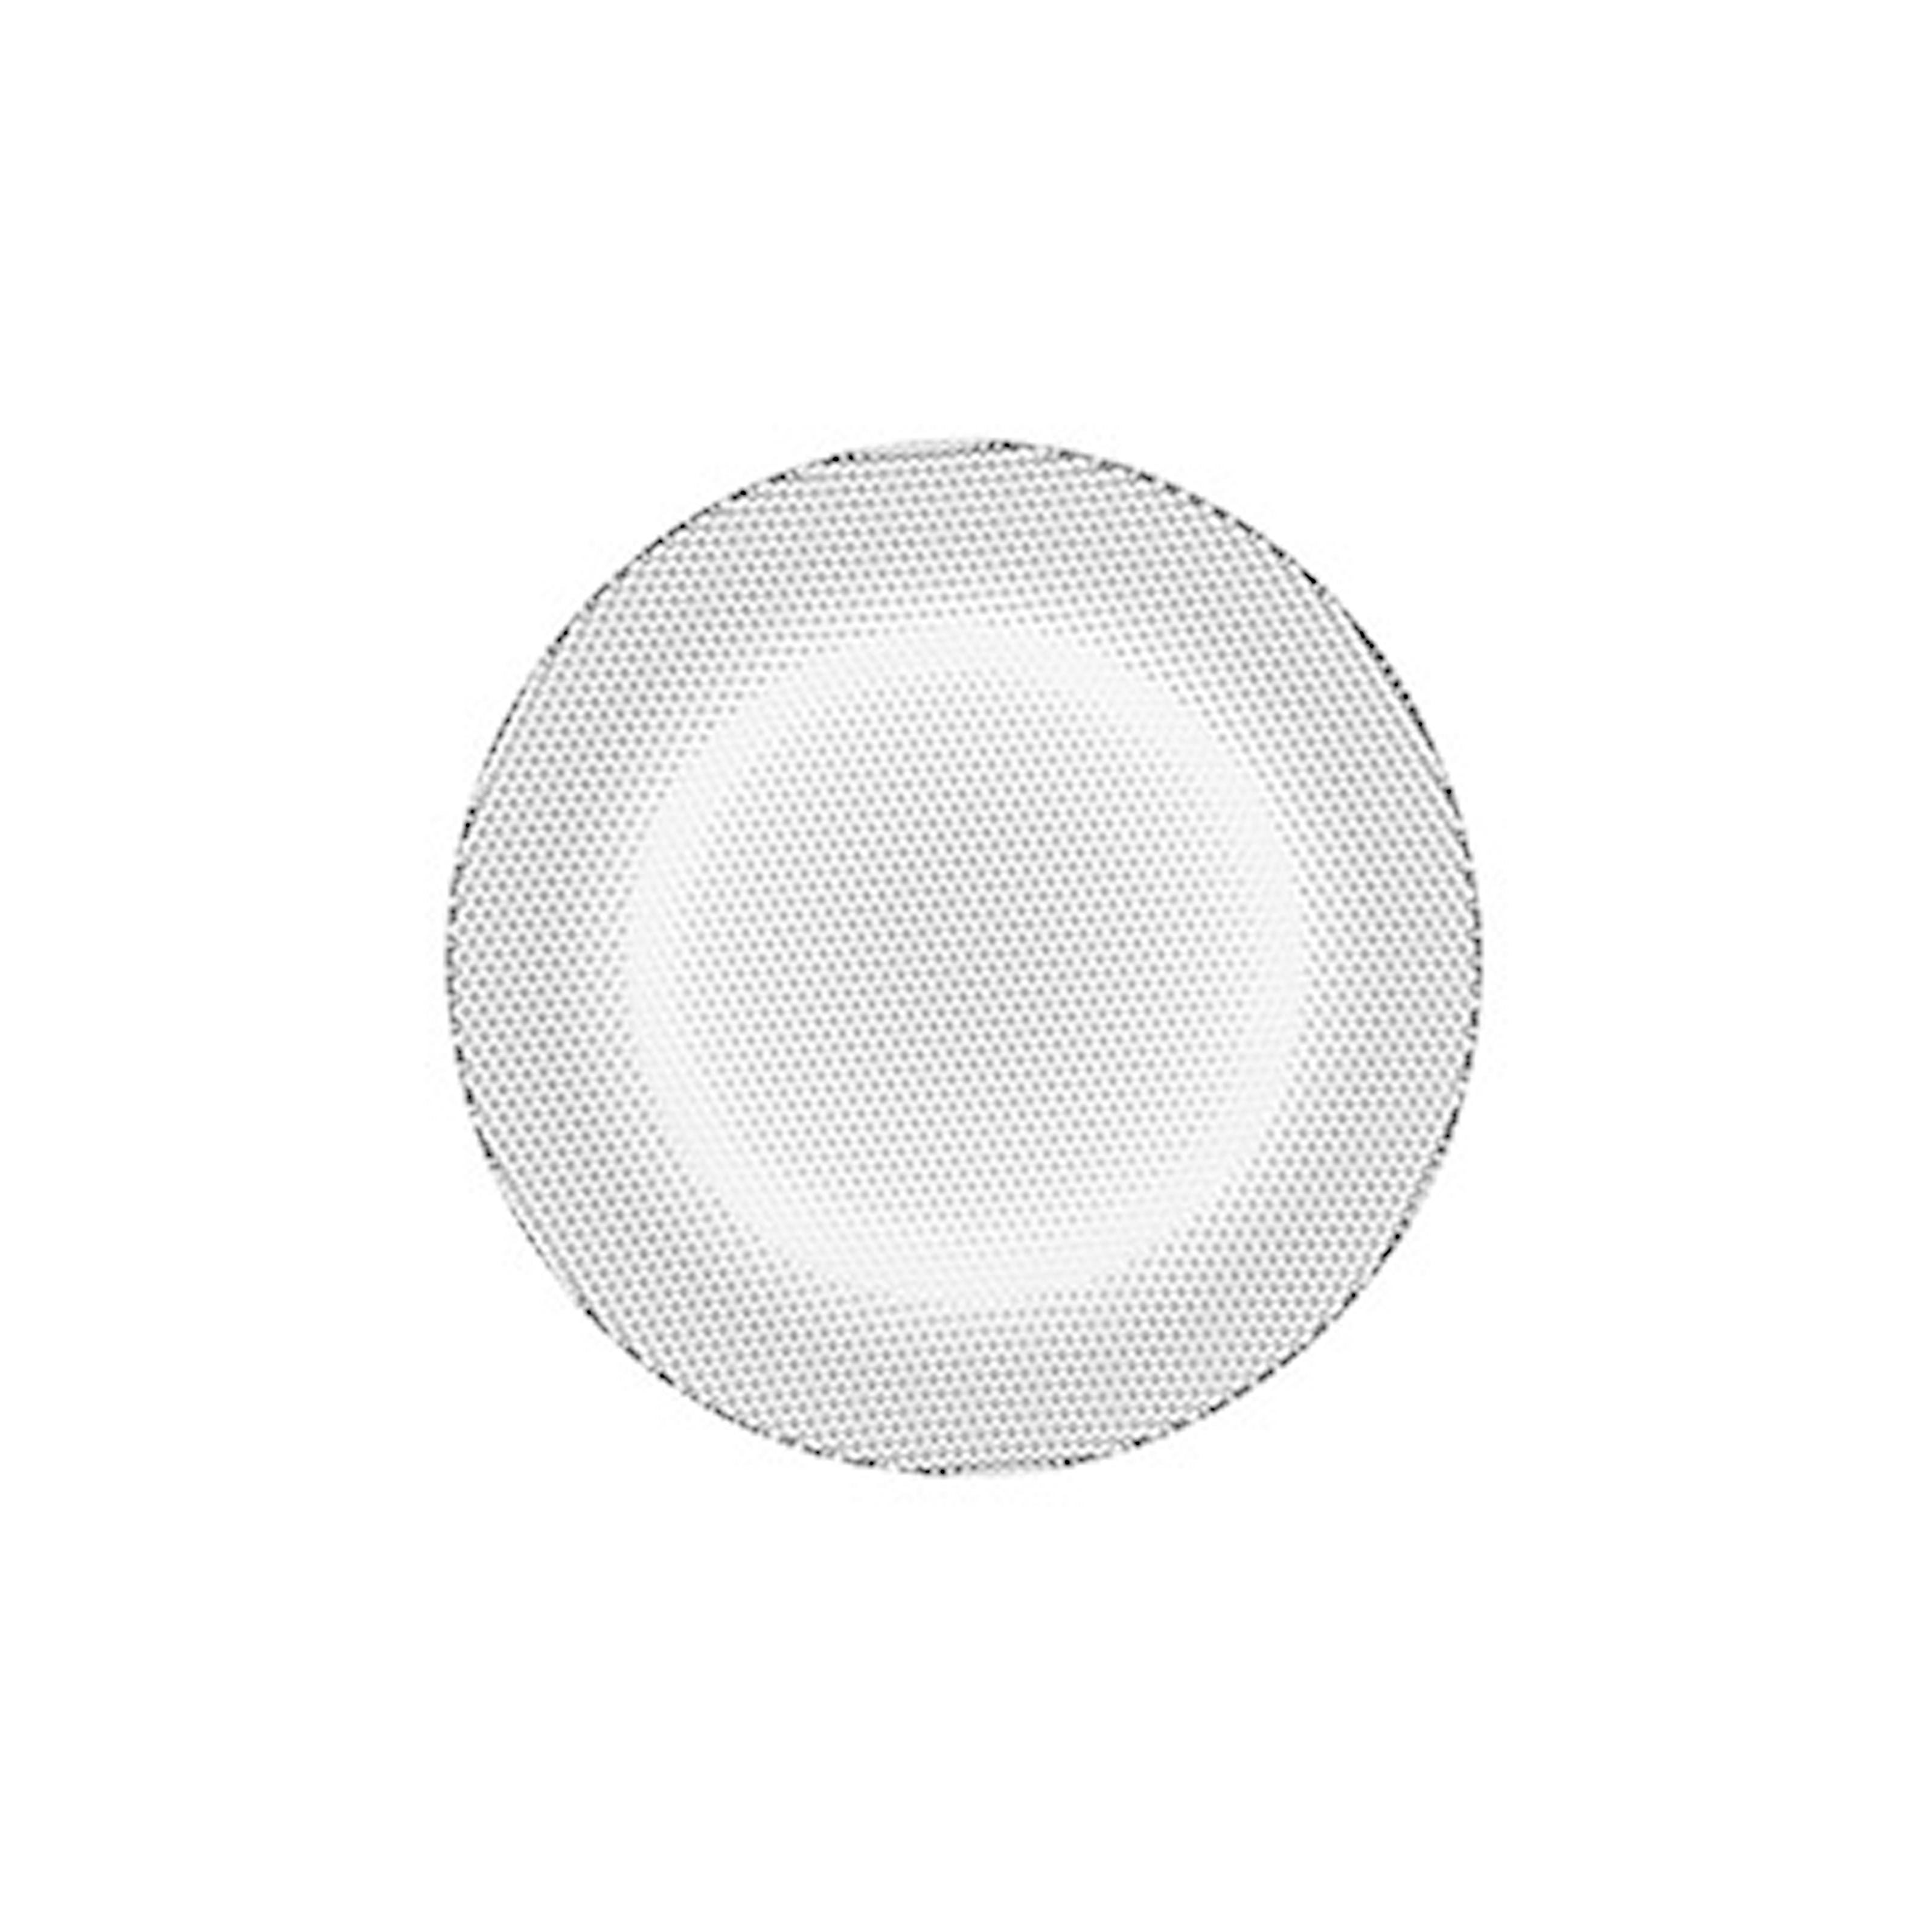 Small Plate, 19.5cm, Assiett i 2-pack, Storlek: 19,5 cm,